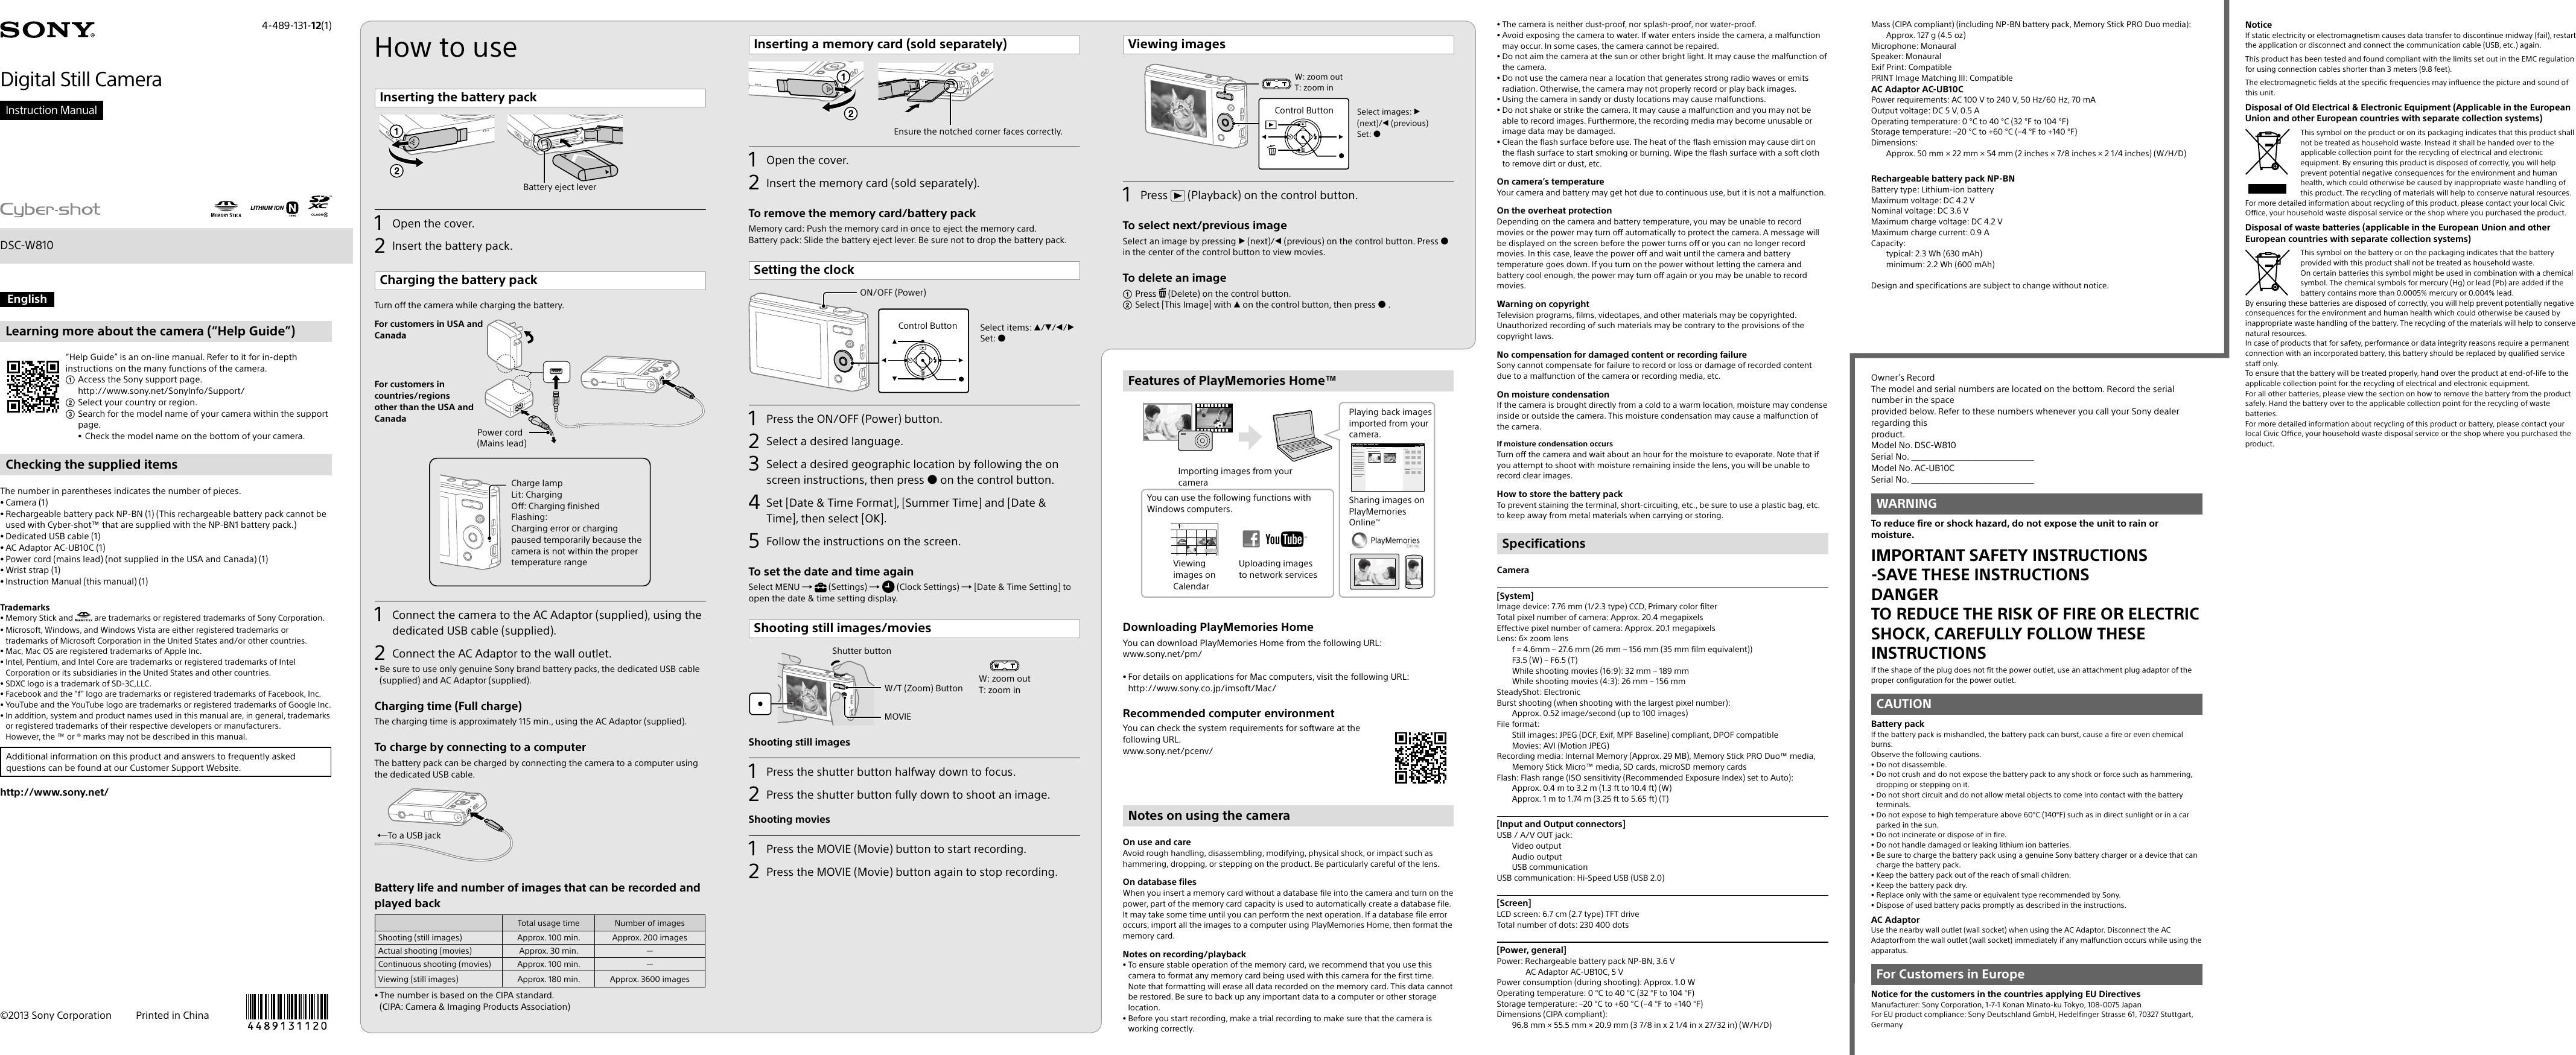 Download sony cyber-shot dsc-wx9 pdf user manual guide.